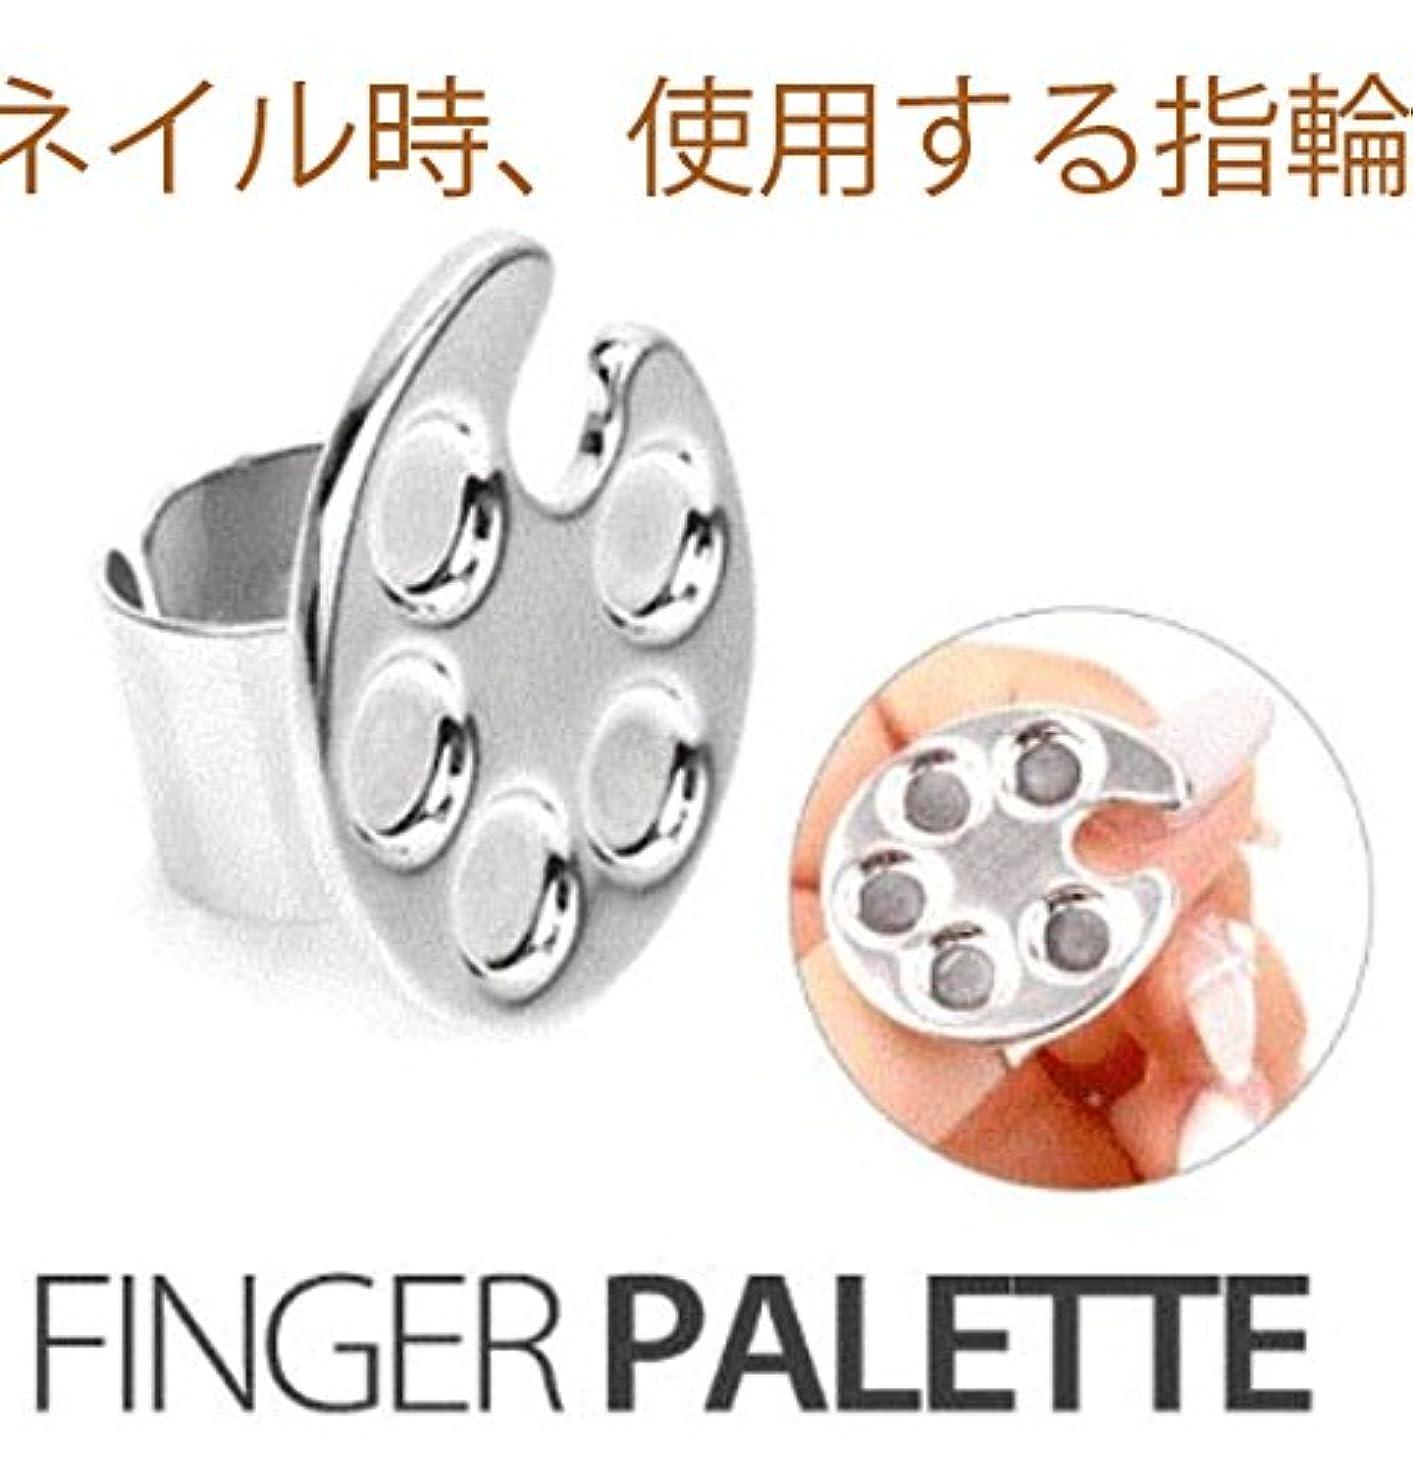 パワー減衰進化ネイルアートが楽になる、、ネイル時、使用する可愛いパレット指輪、clover、